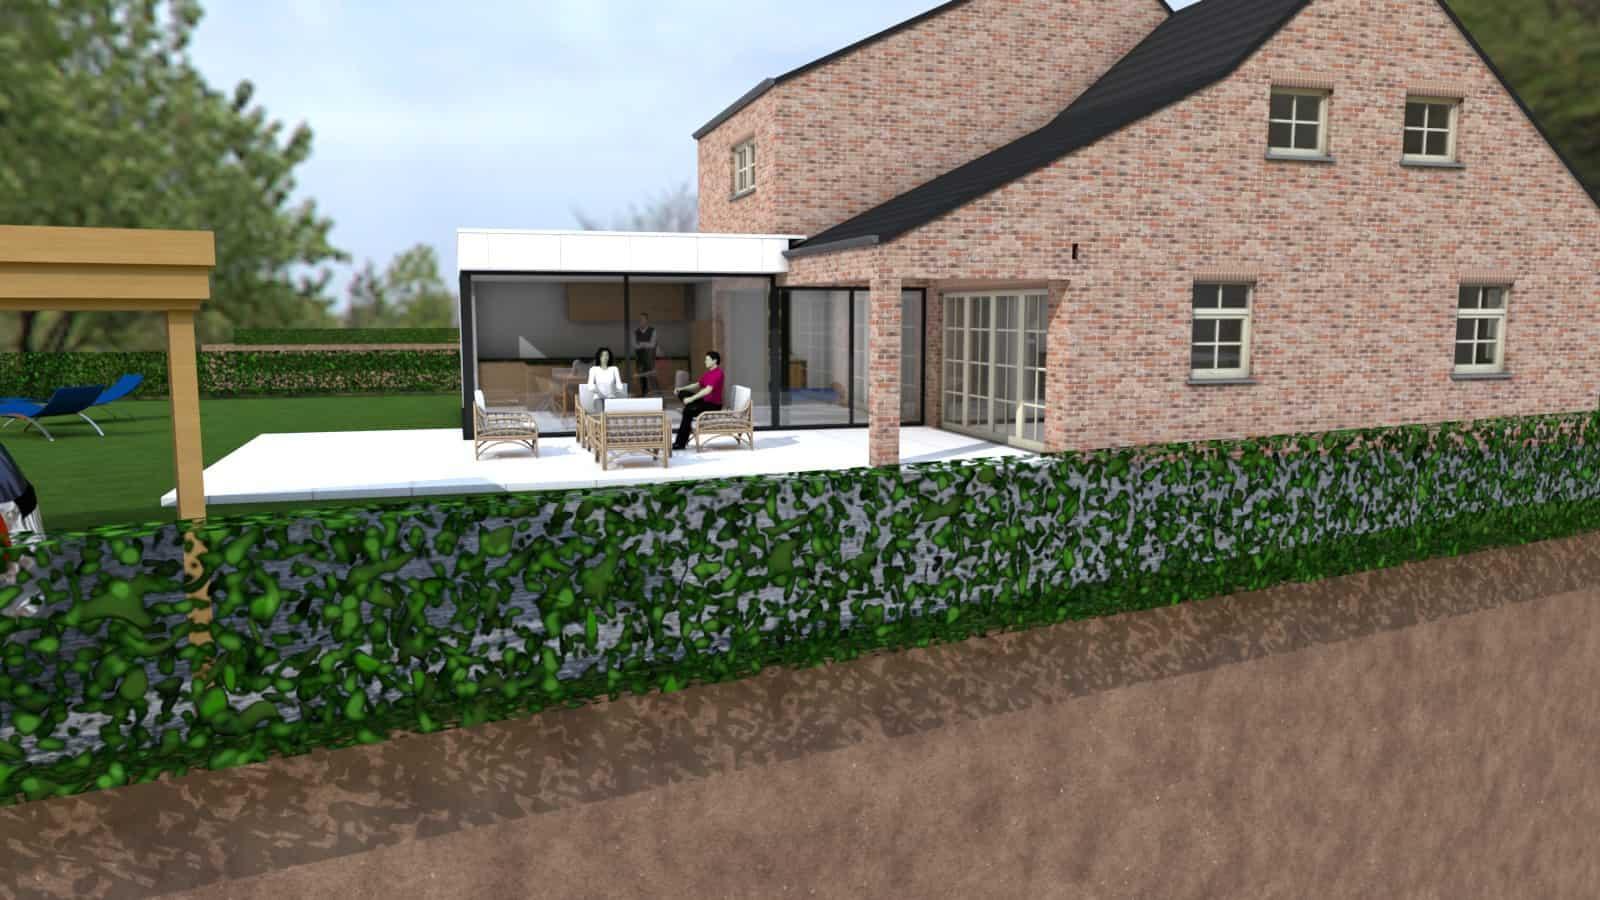 Detail afbeelding 3 van S & F   –   Uitbreiding woning   –   Opoeteren | Ontwerp door architect Patrick Strackx